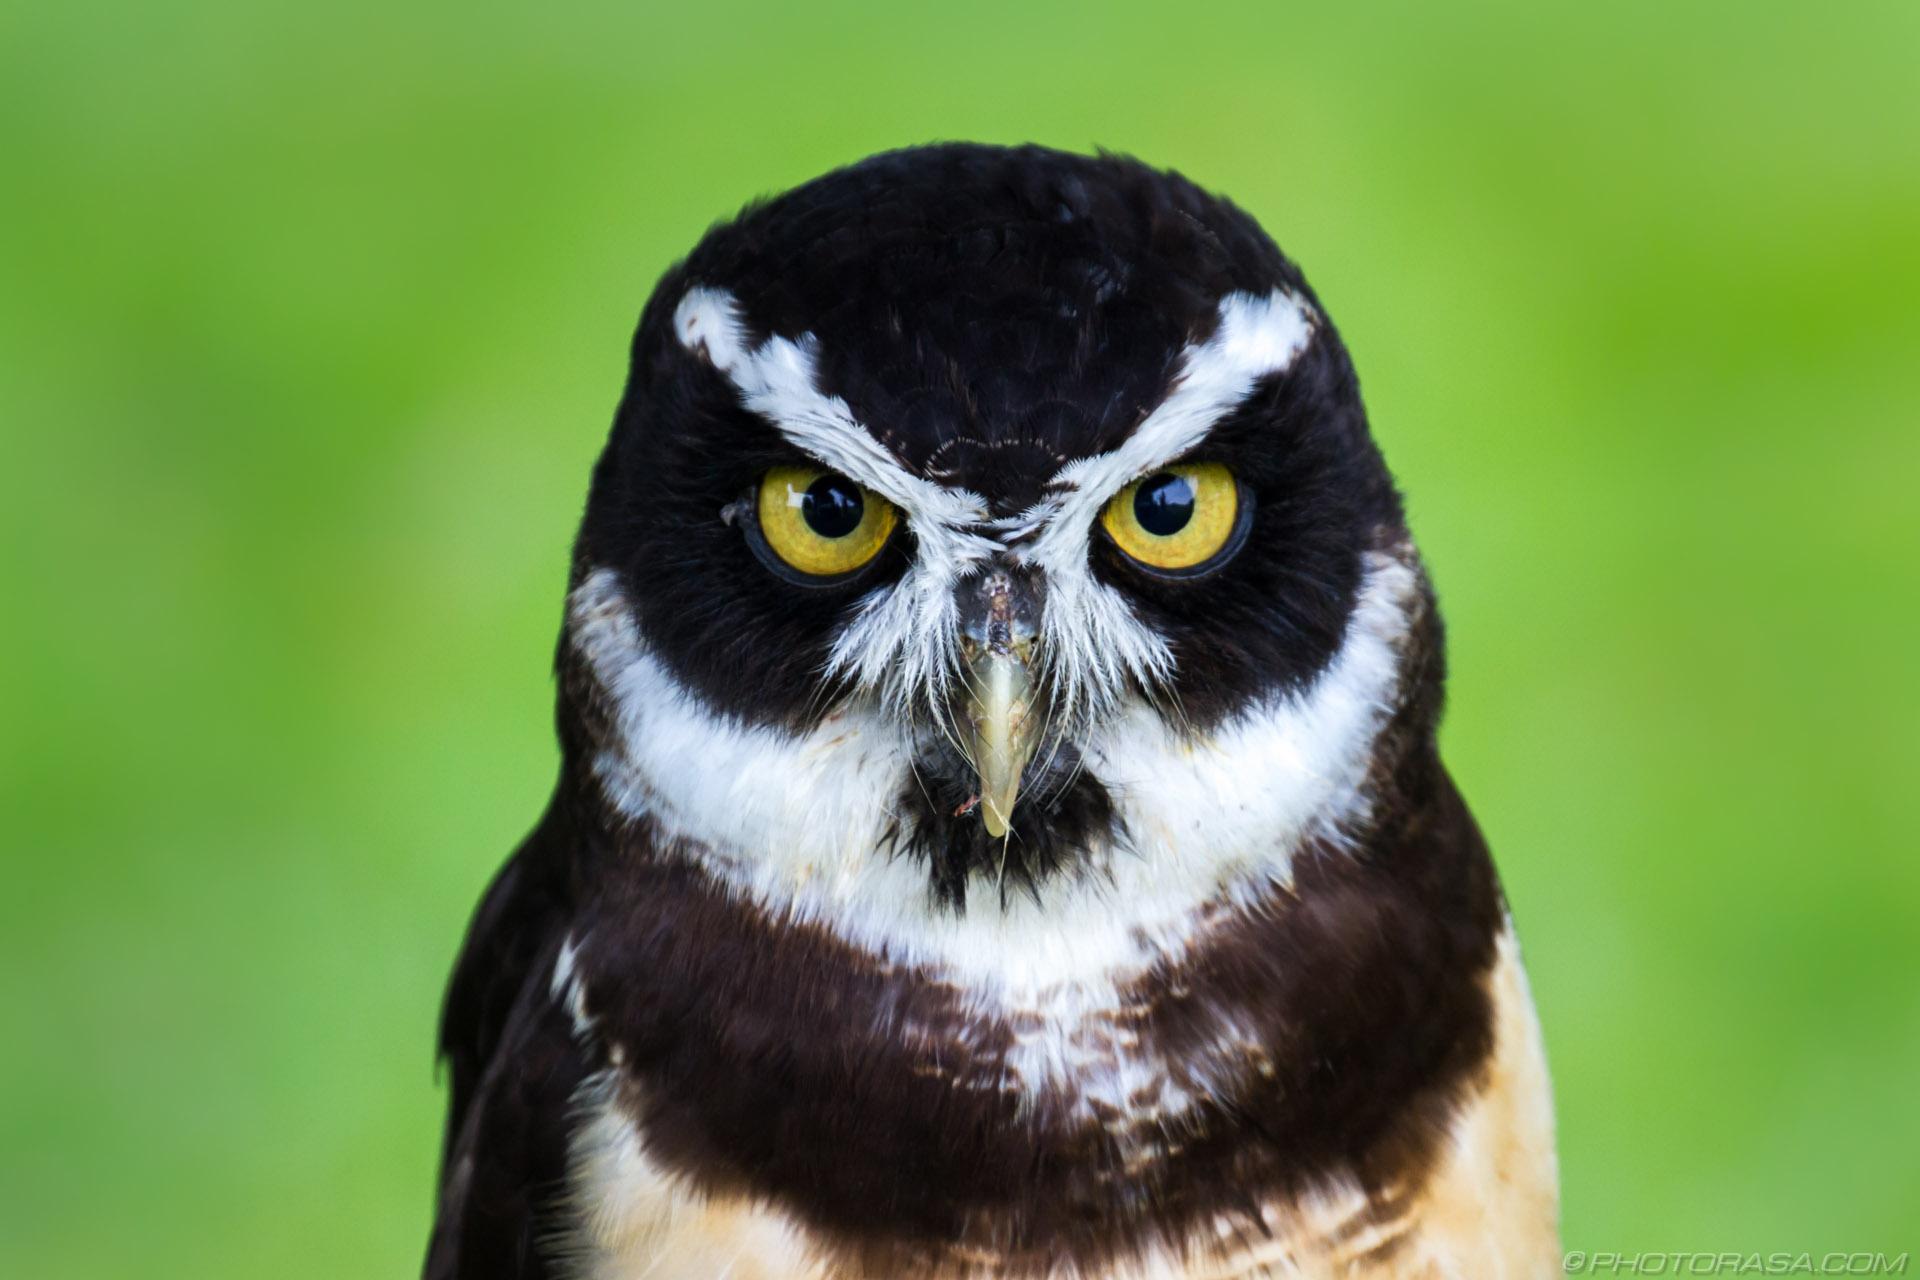 https://photorasa.com/owls/black-and-white-owl-1/